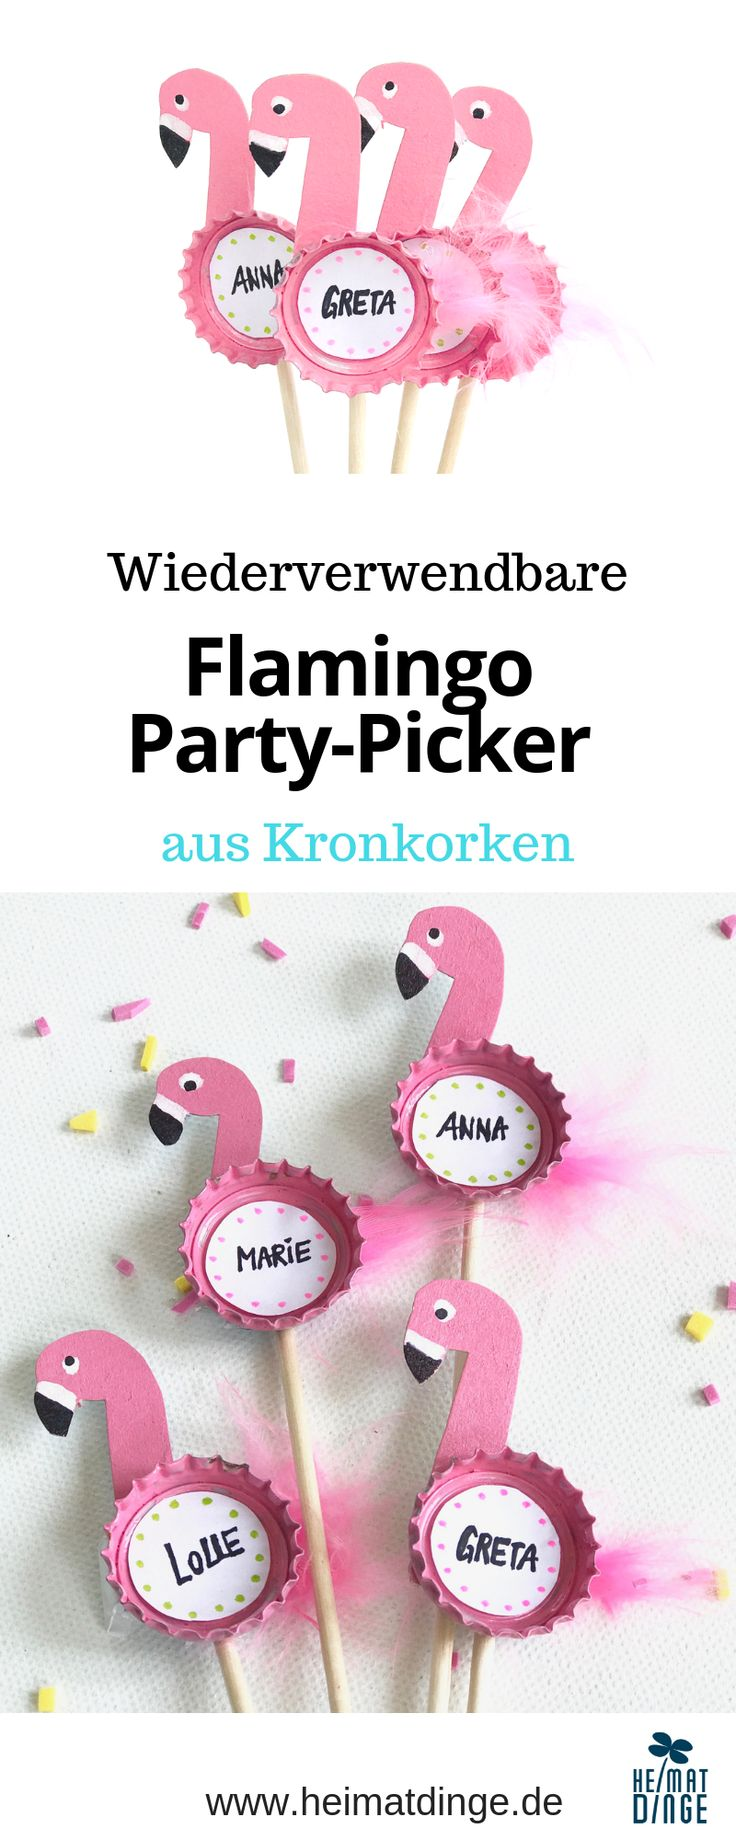 Nachhaltige Party Deko selber machen: wiederverwendbare Flamingo Party Picker aus Kronkorken